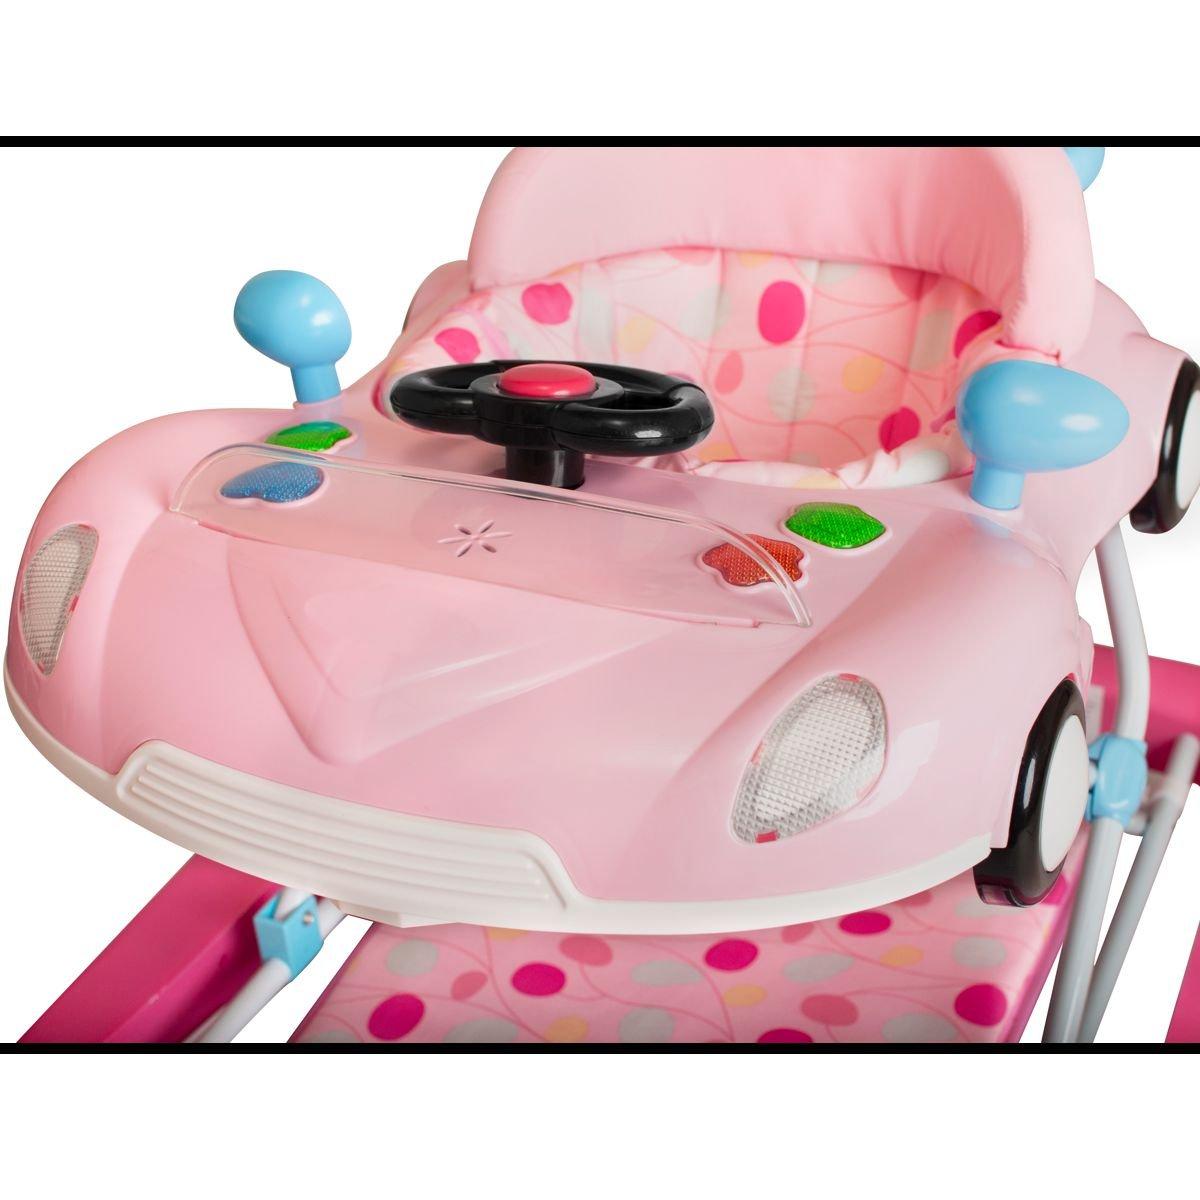 PREMIUM Lauflernhilfe//Babyschaukel mit Spielcenter PINK 12 Melodien /& Tablett